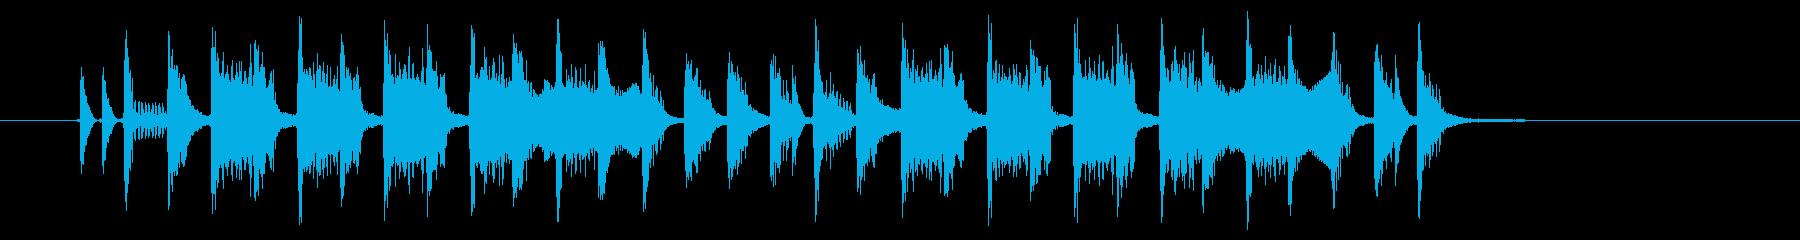 楽しげでコミカルなシンセサウンドの再生済みの波形